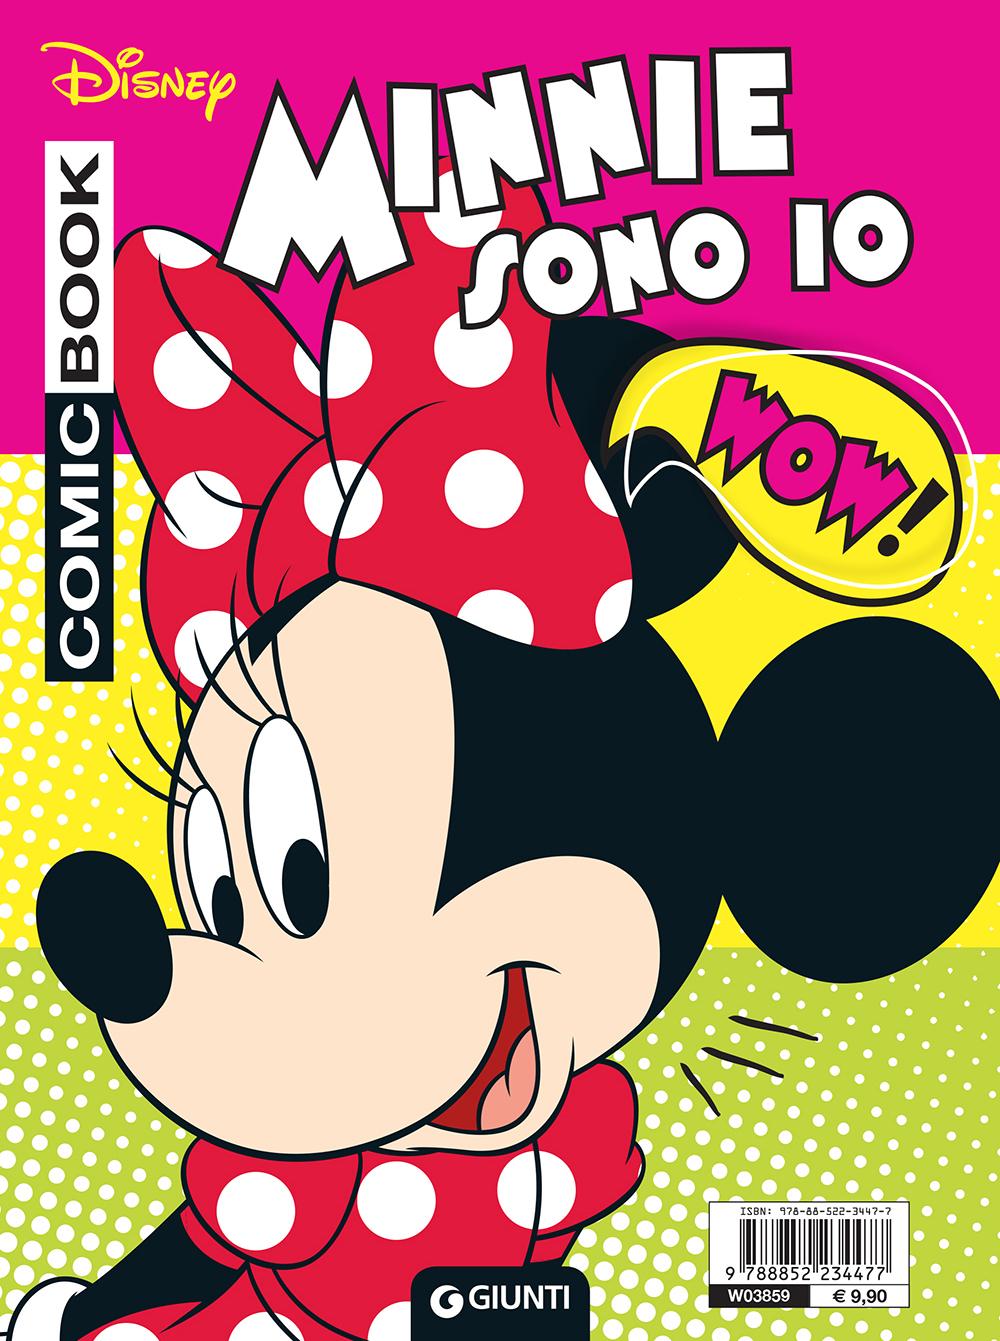 Comic Book - Minni sono io e Pippo sono io